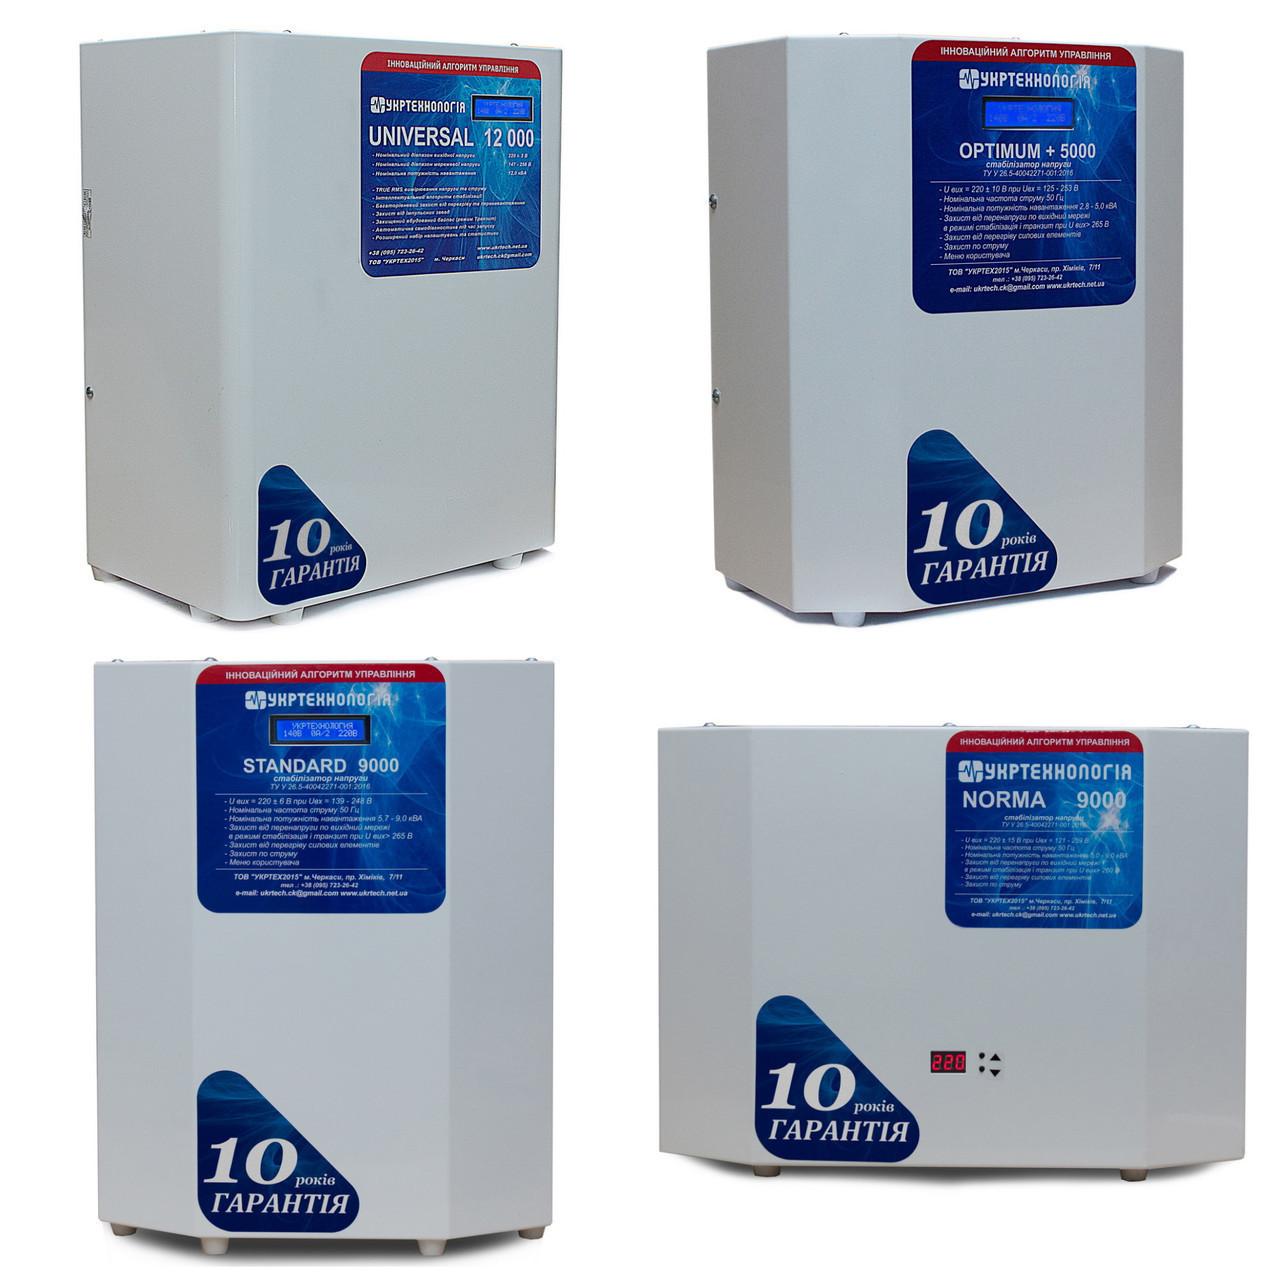 Стабилизатор напряжения Укртехнология НСН 5000 Standard 5 кВт